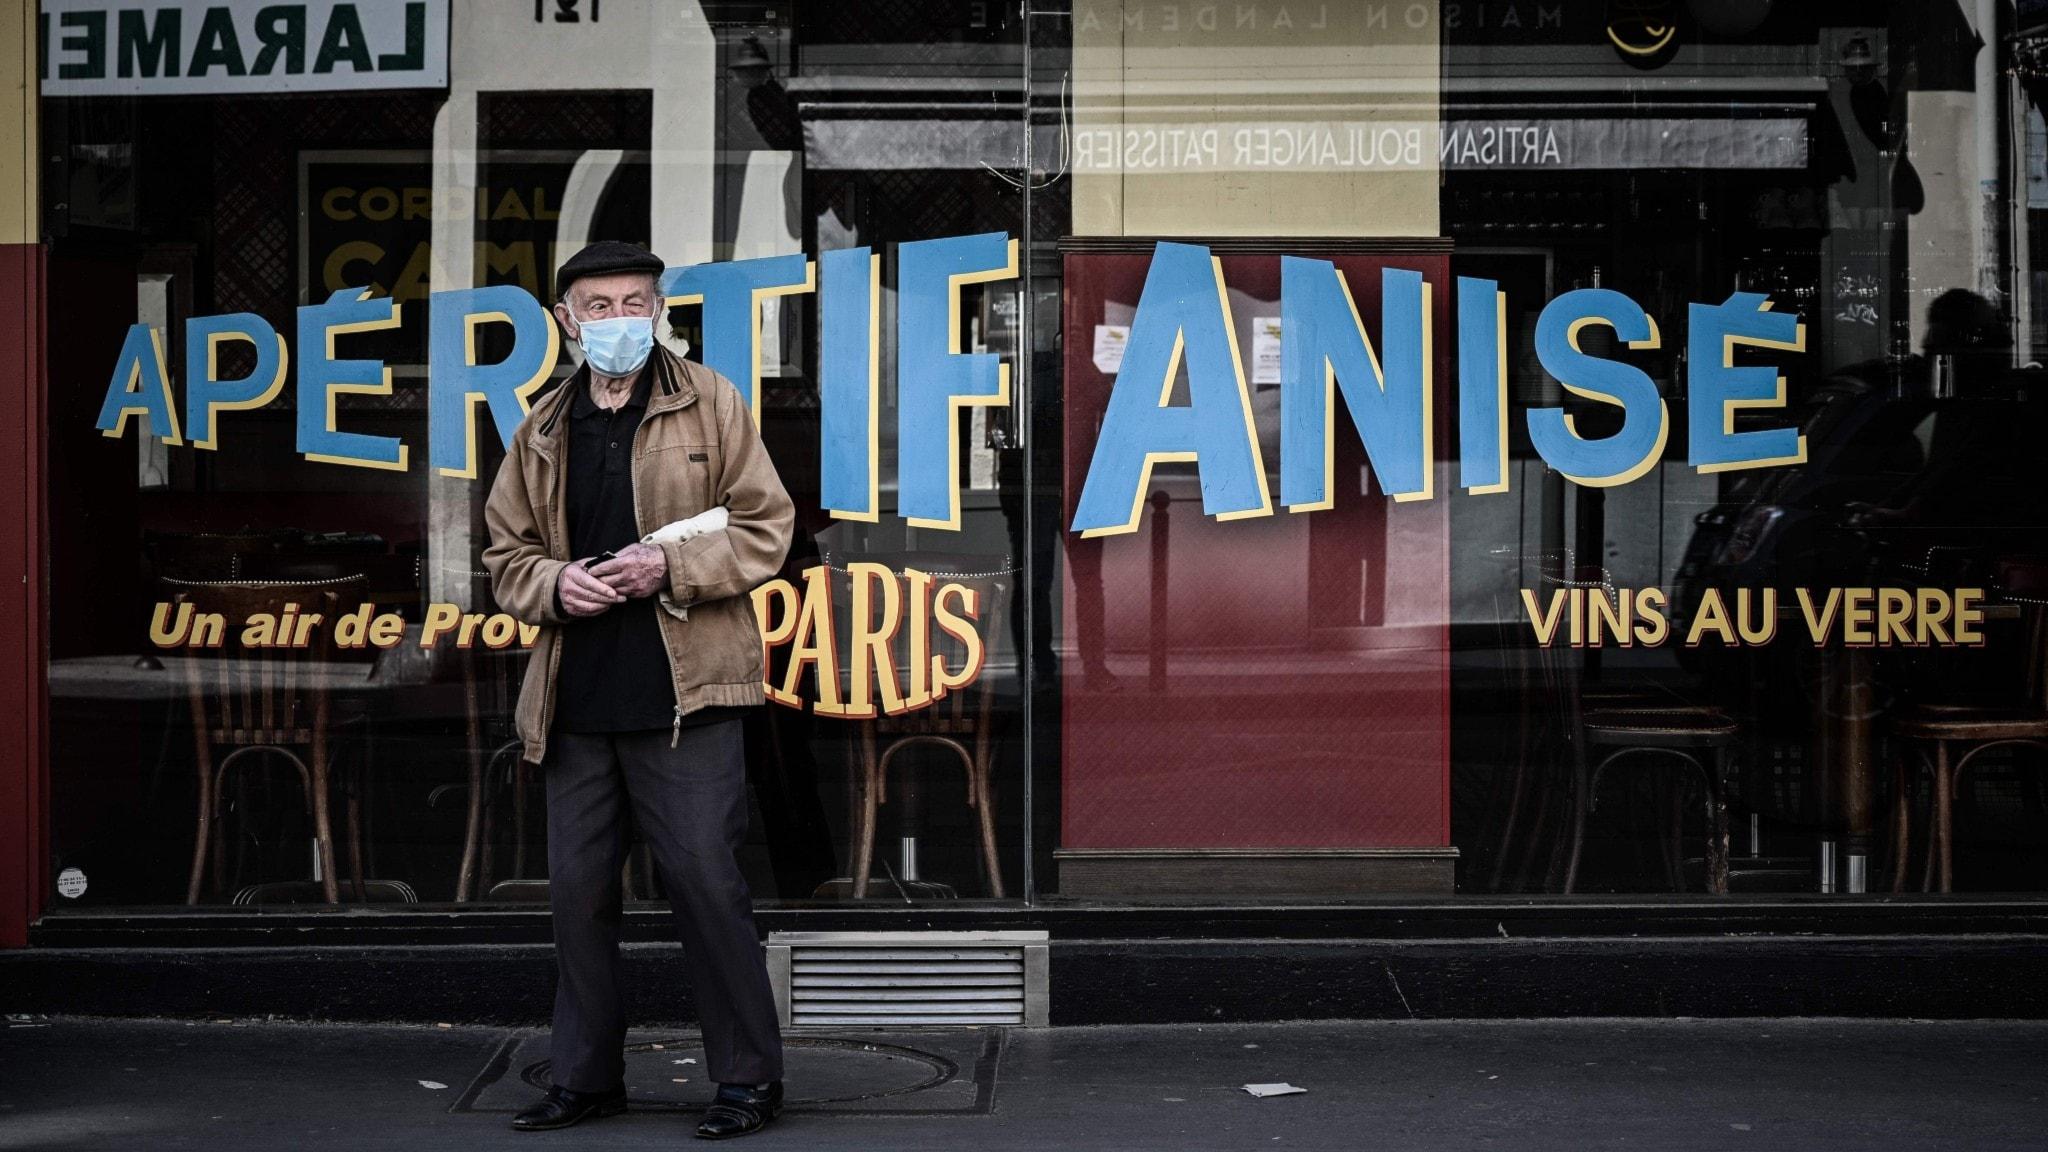 Restauranger Och Parker Oppnar I Frankrike Nyheter Ekot Sveriges Radio